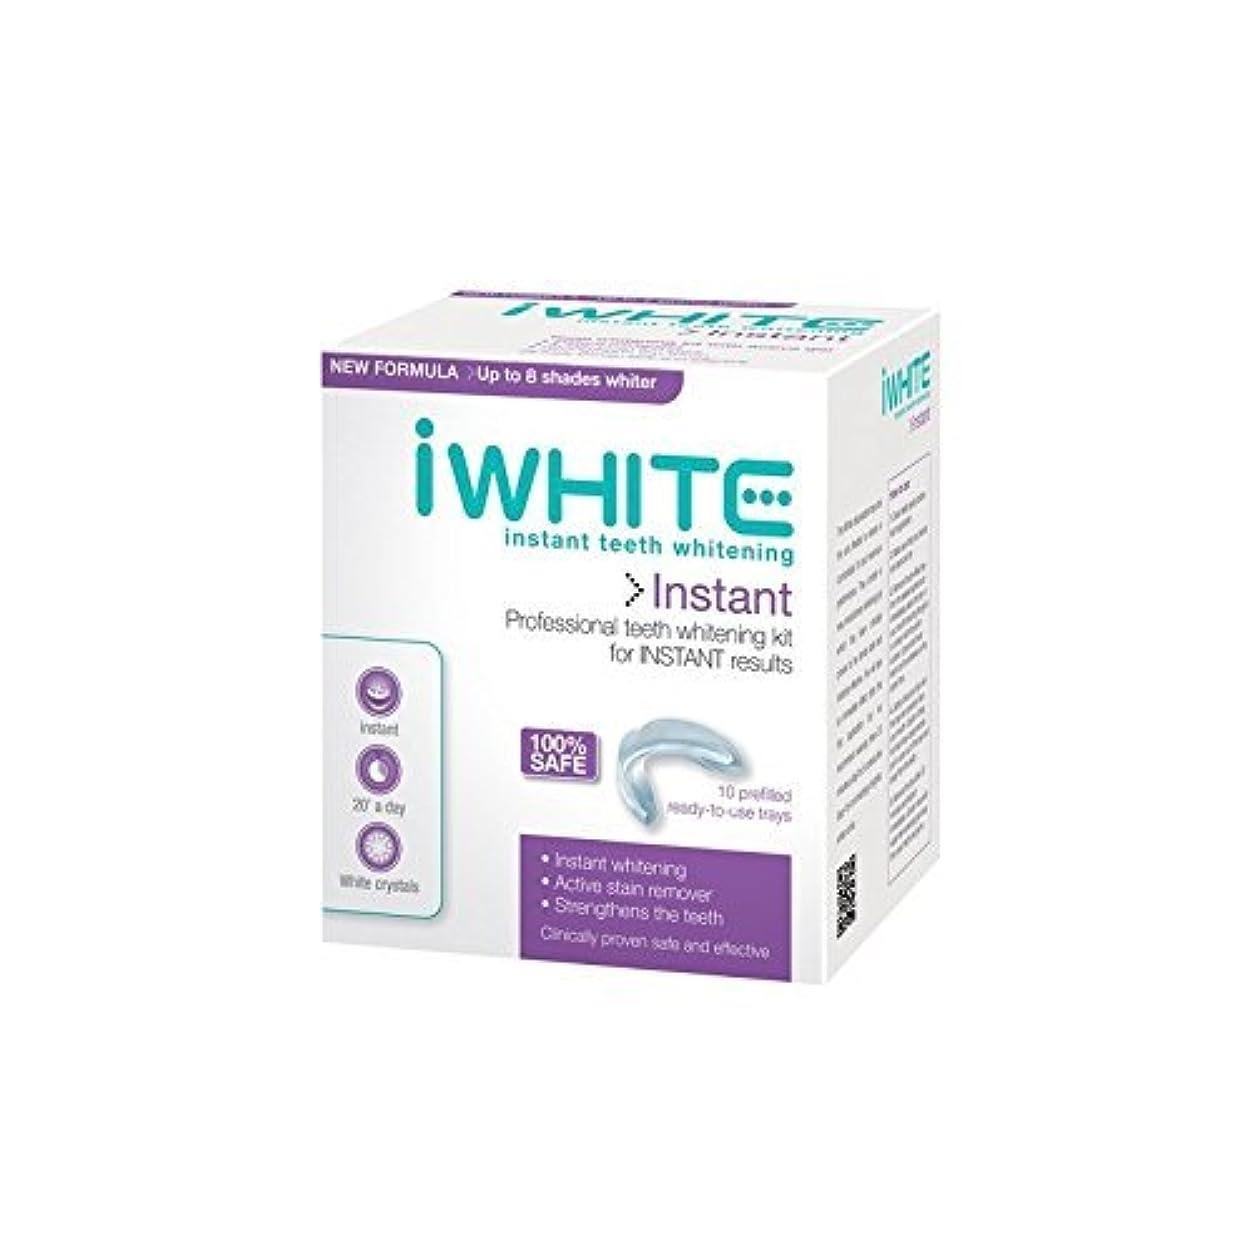 債権者ビザ縁石iWhite Instant Professional Teeth Whitening Kit (10 Trays) - キットを白くするインスタントプロの歯(10個のトレー) [並行輸入品]